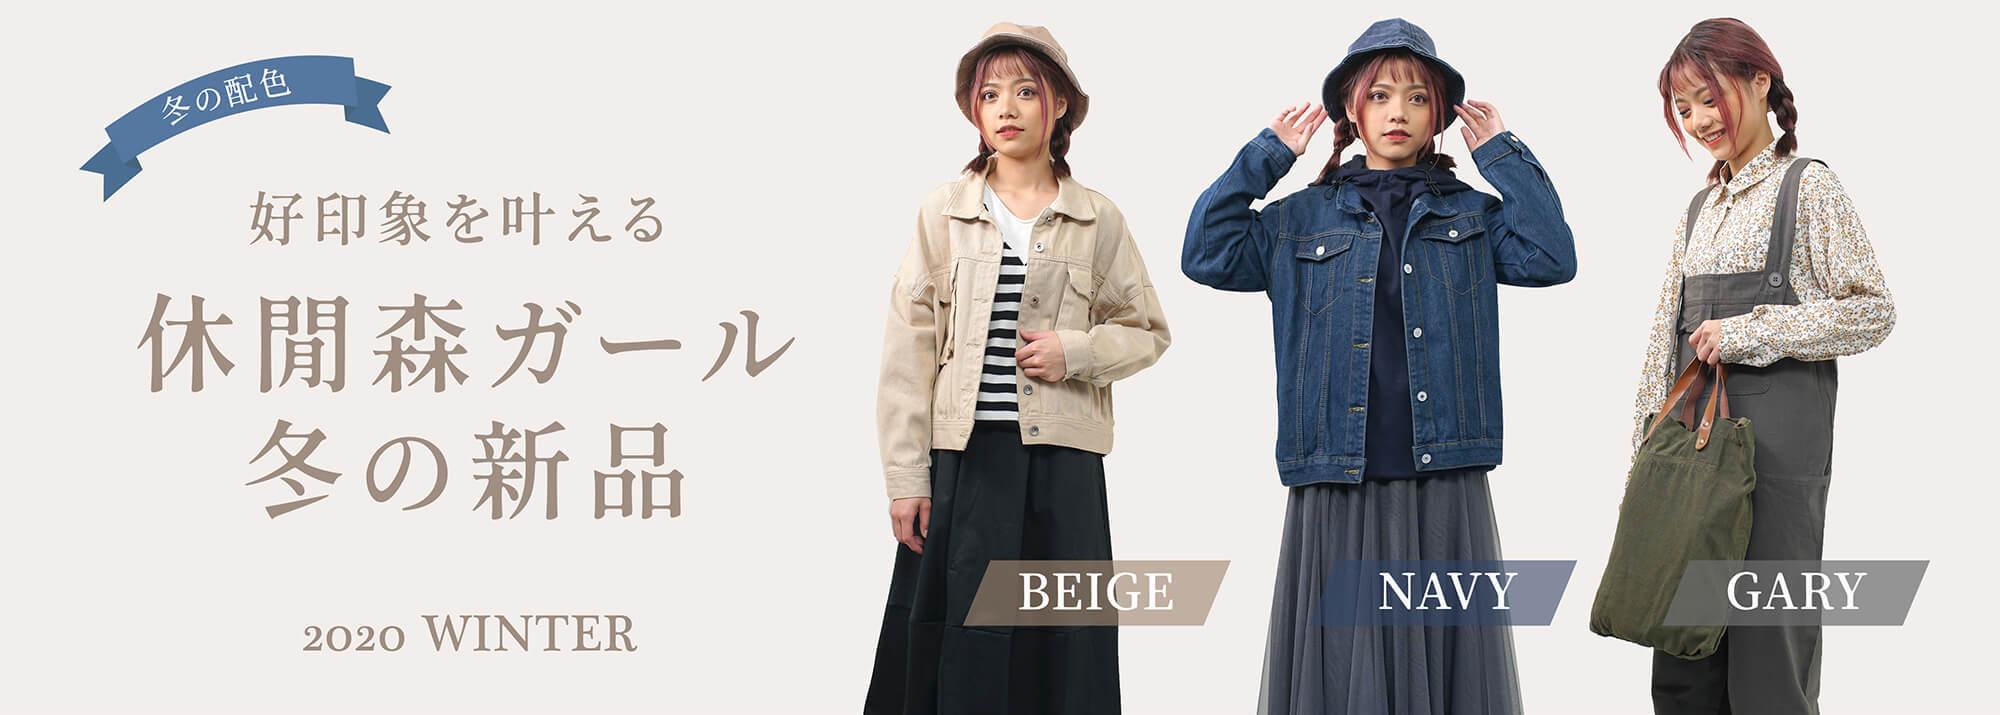 日系衣服,日系衣服網購,森林系穿搭,森女,j-well